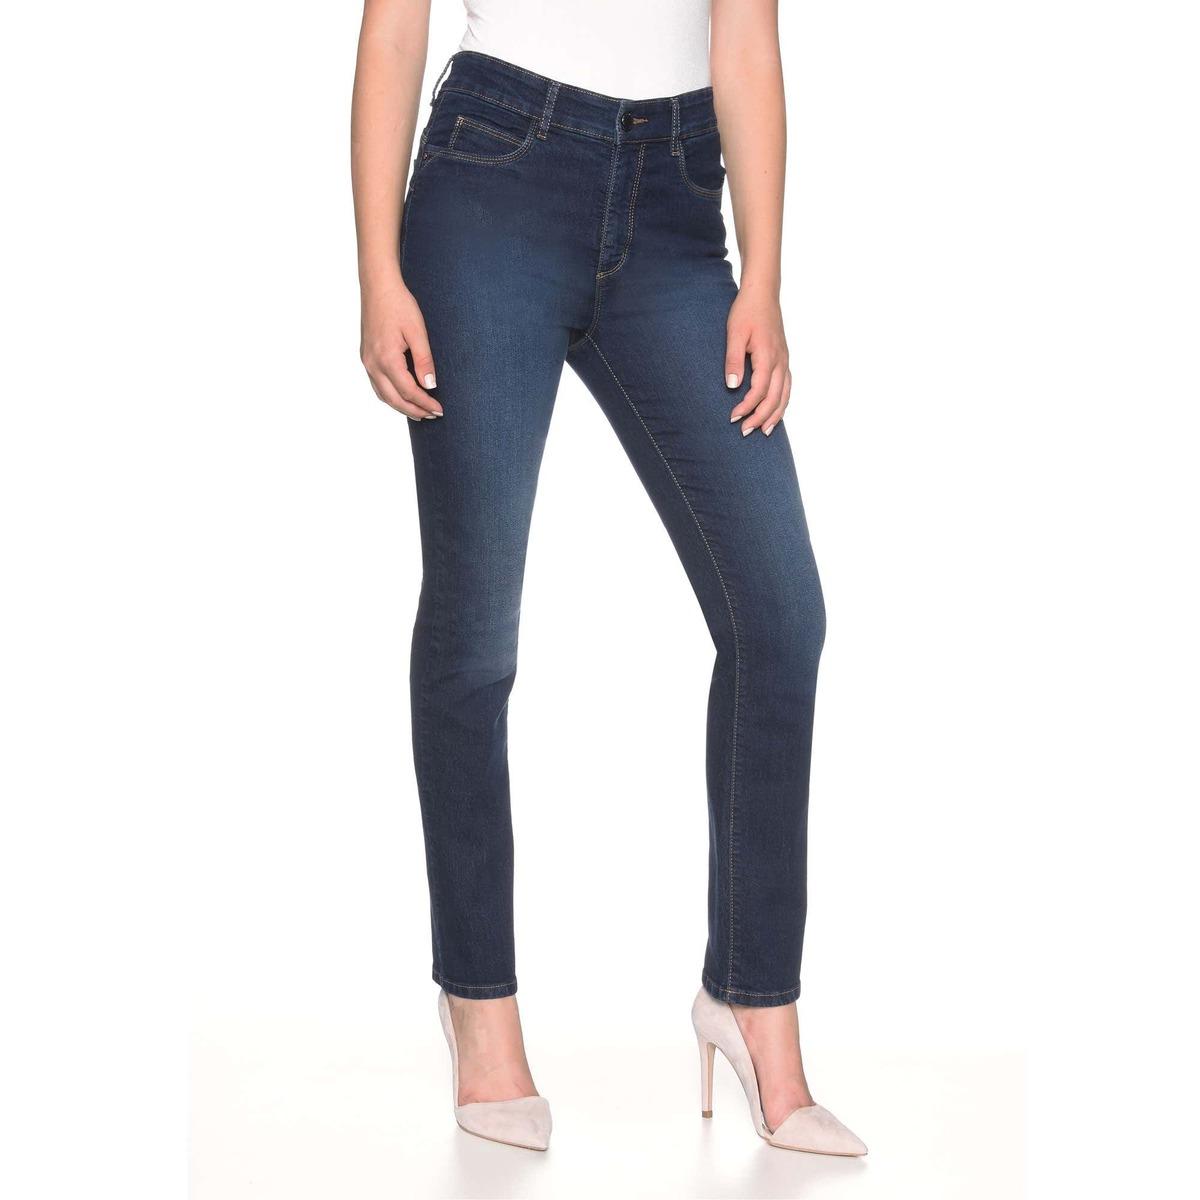 Bild 1 von Damen-Stooker-Jeans mit High-Waist-Cut, große Größen